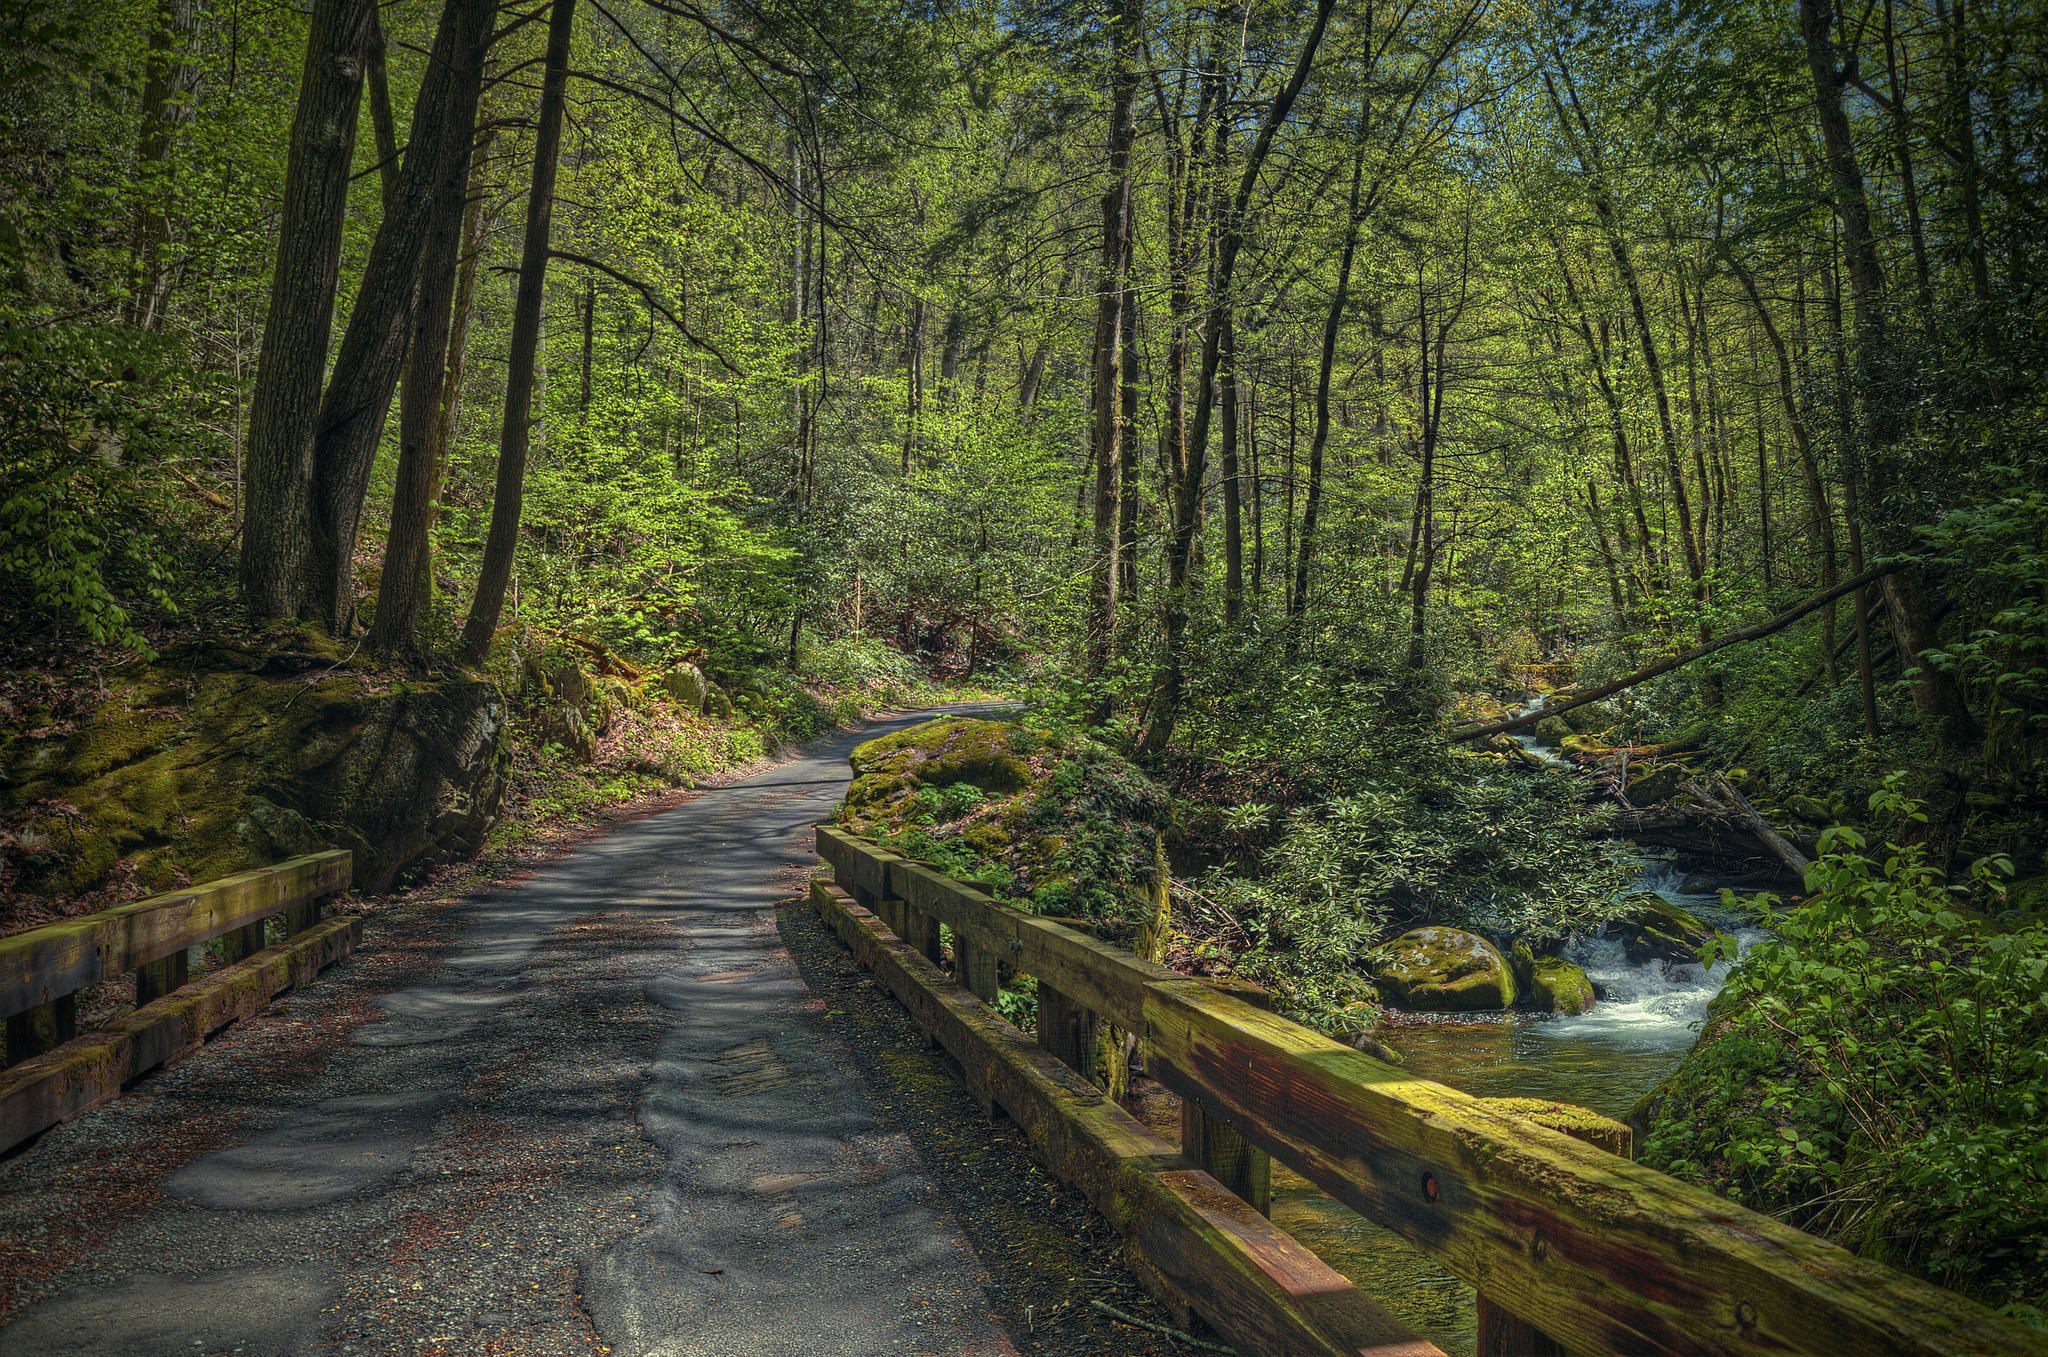 обои лес, деревья, дорога, речка картинки фото